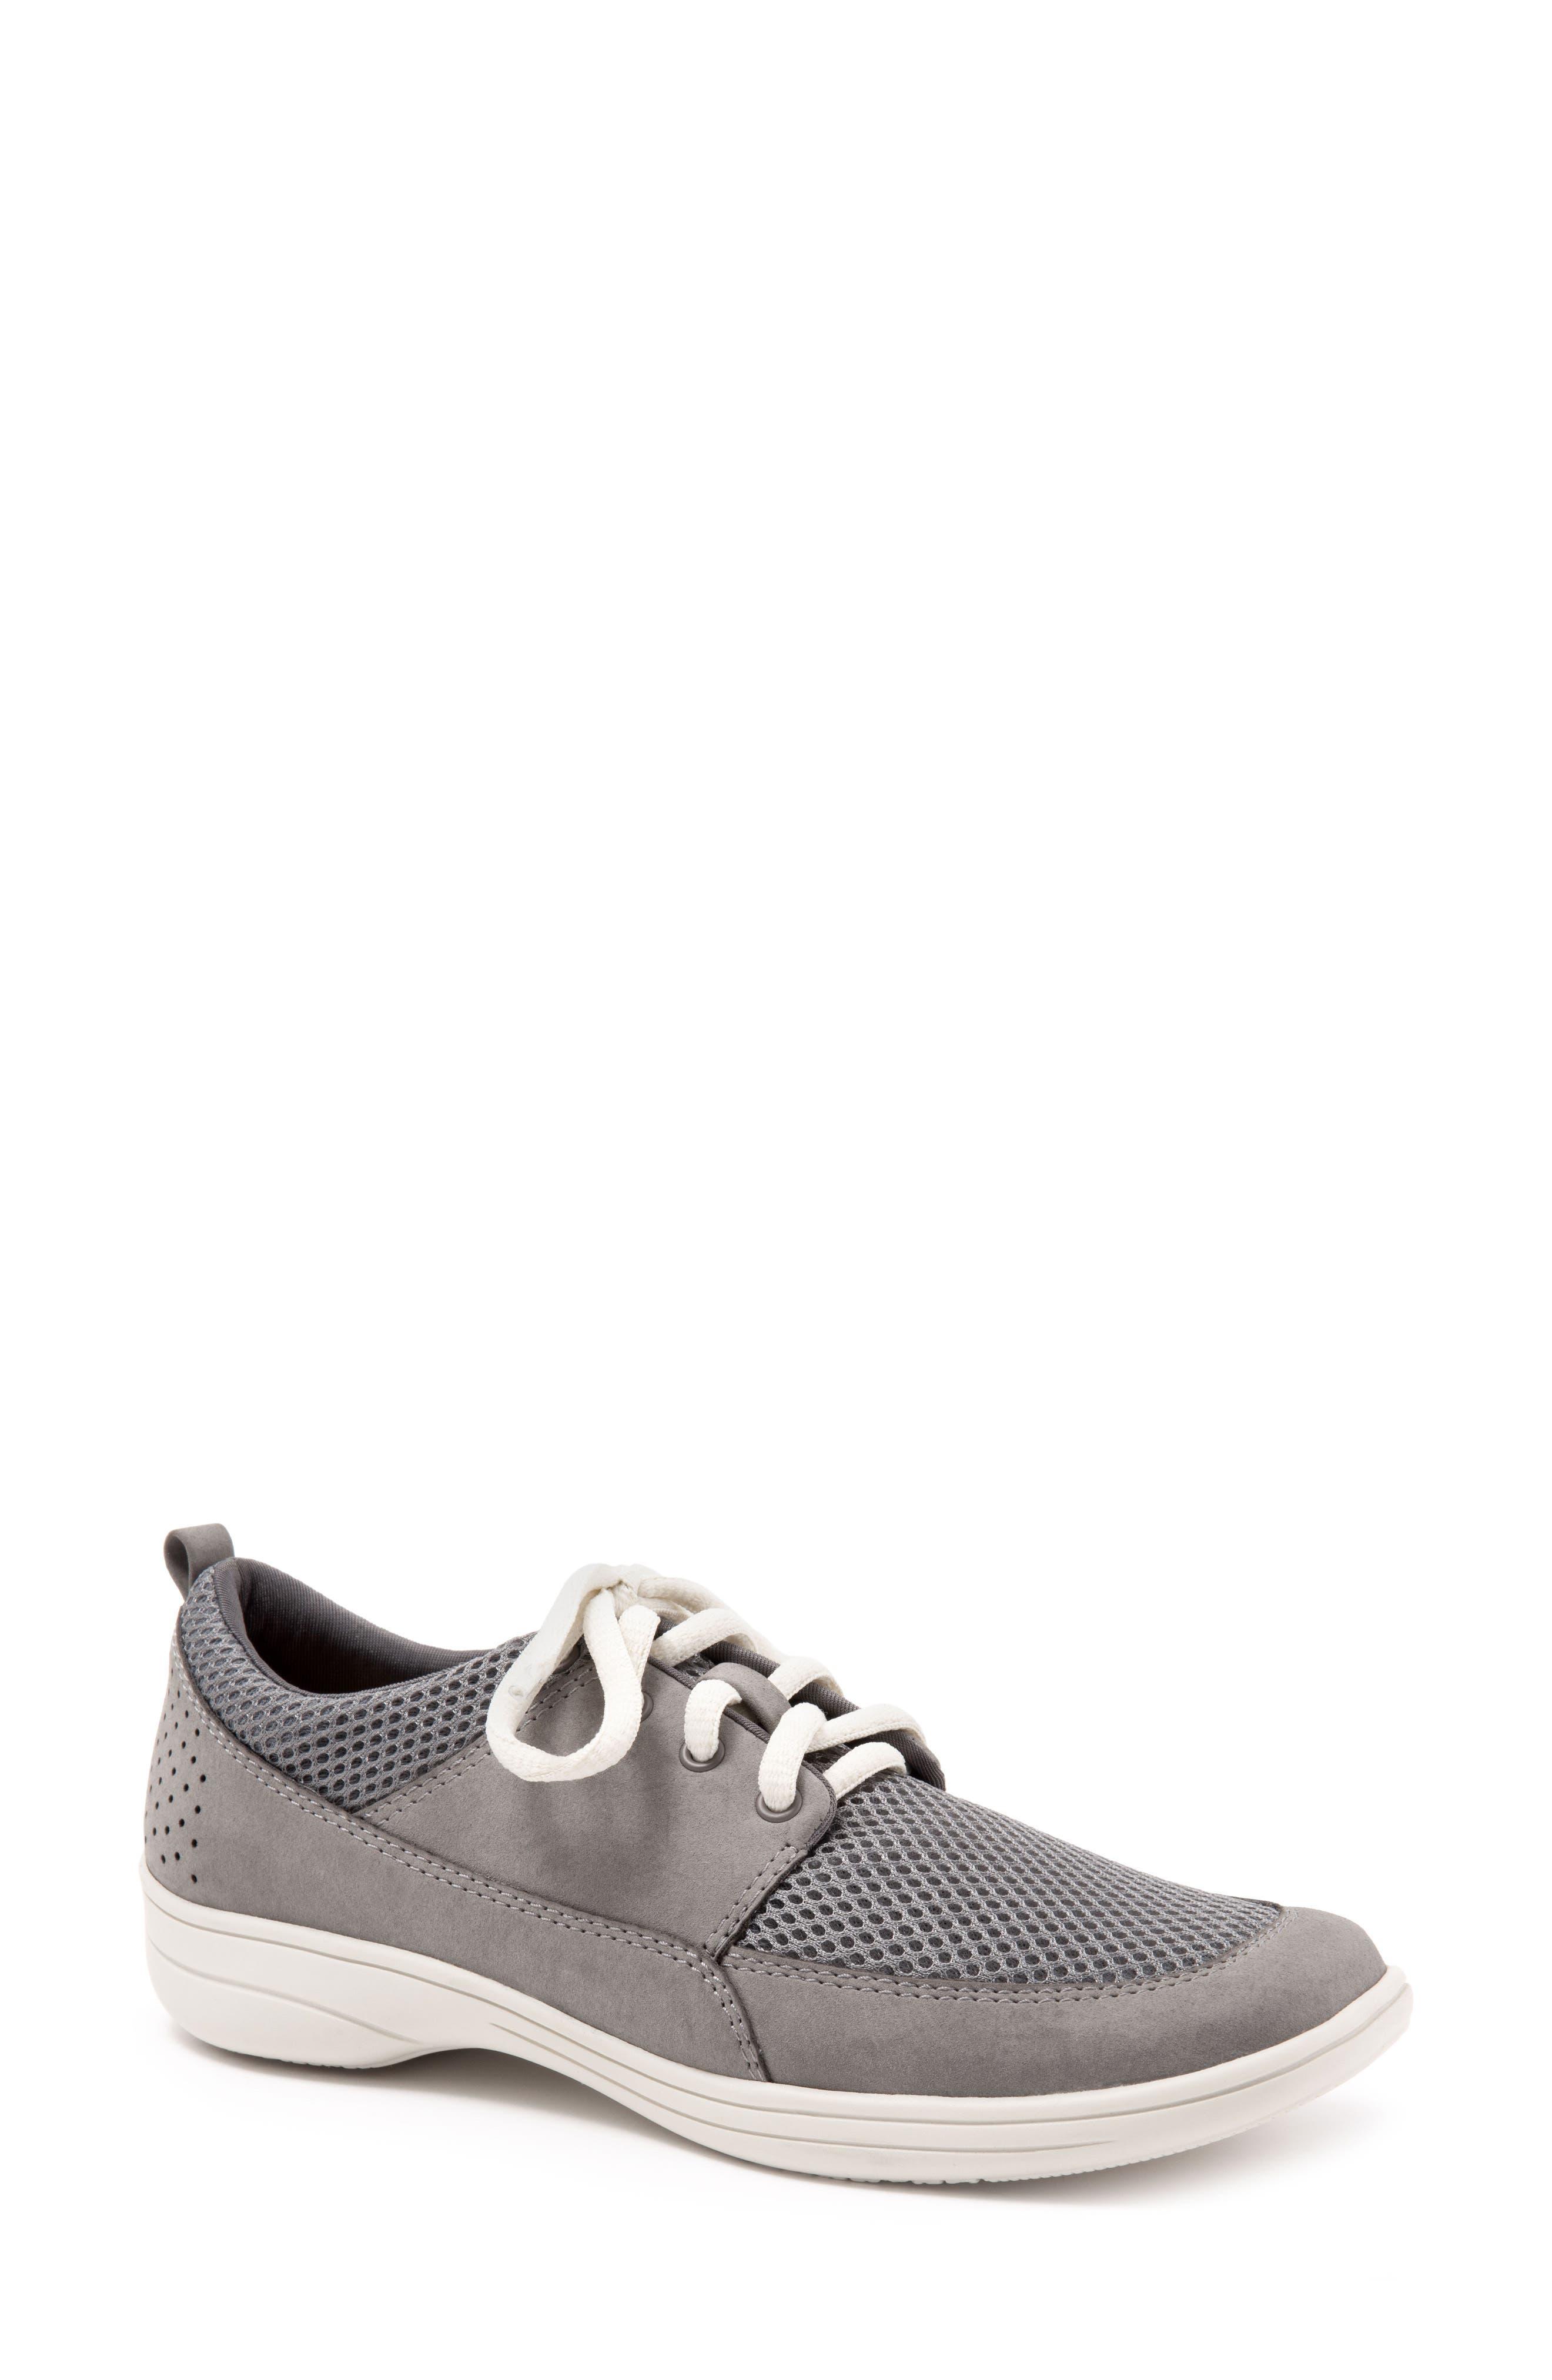 Trotters Jesse Sneaker- Grey